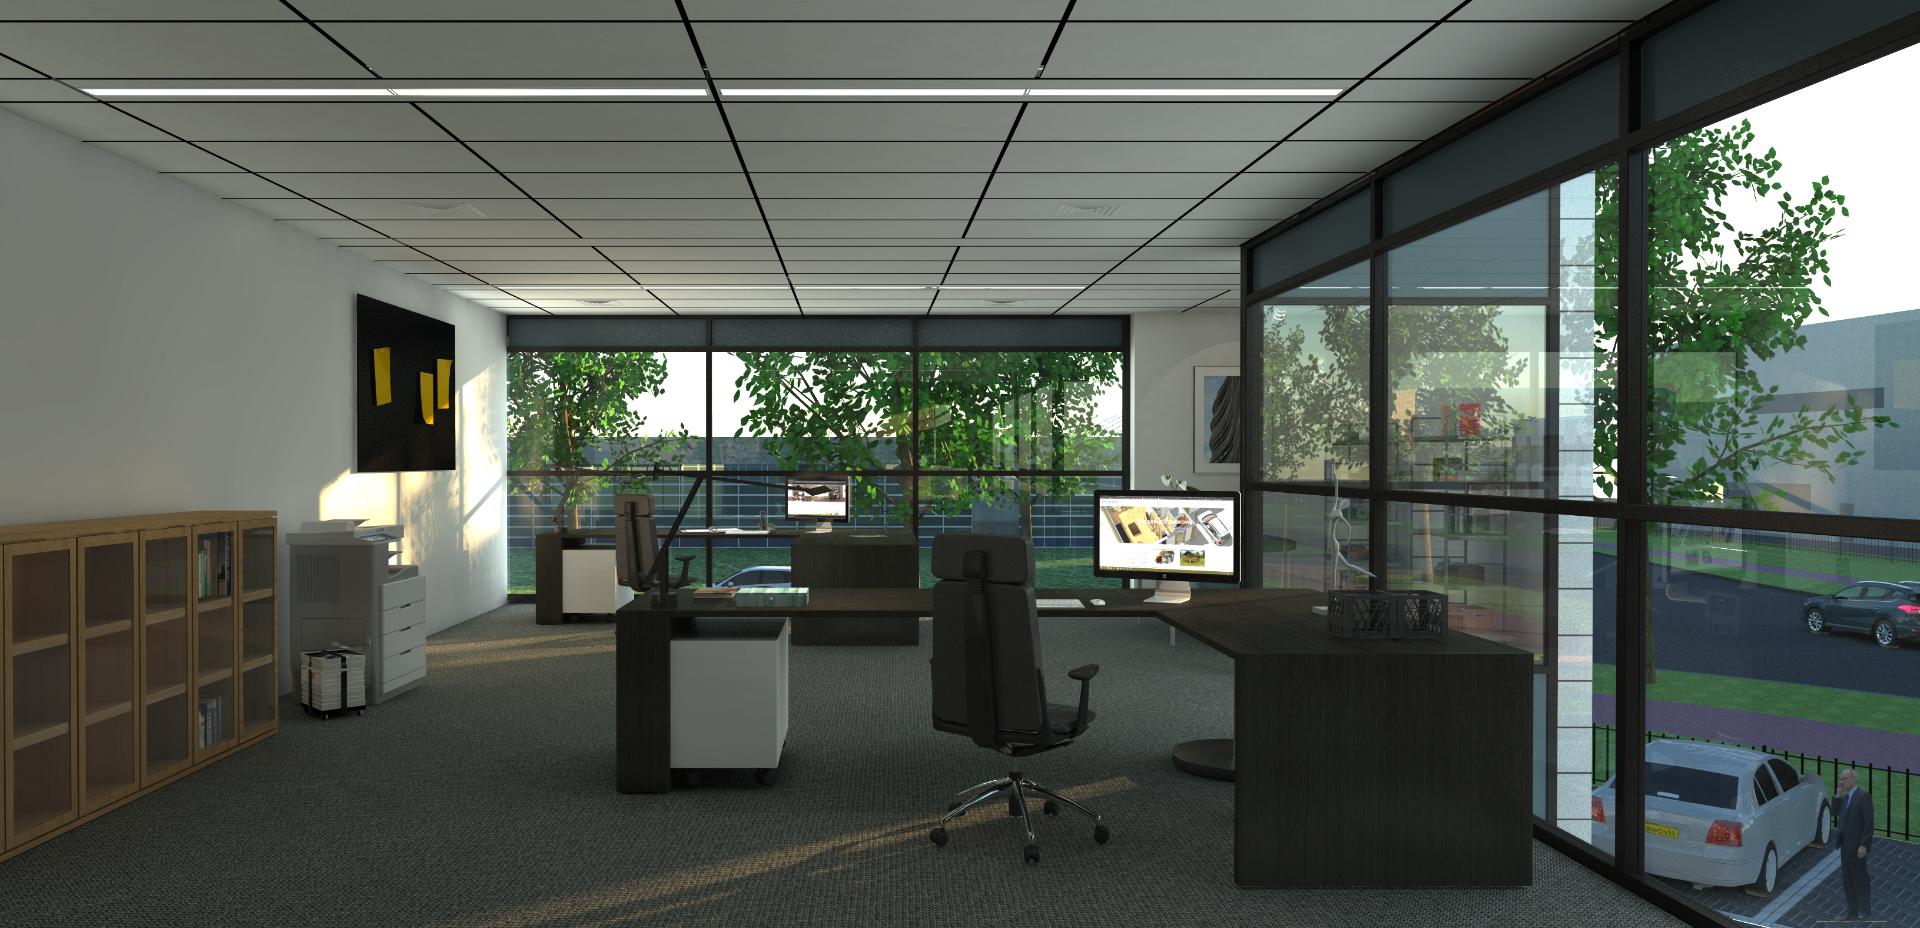 def-kantoor-InteriorBrightFineAA21.png